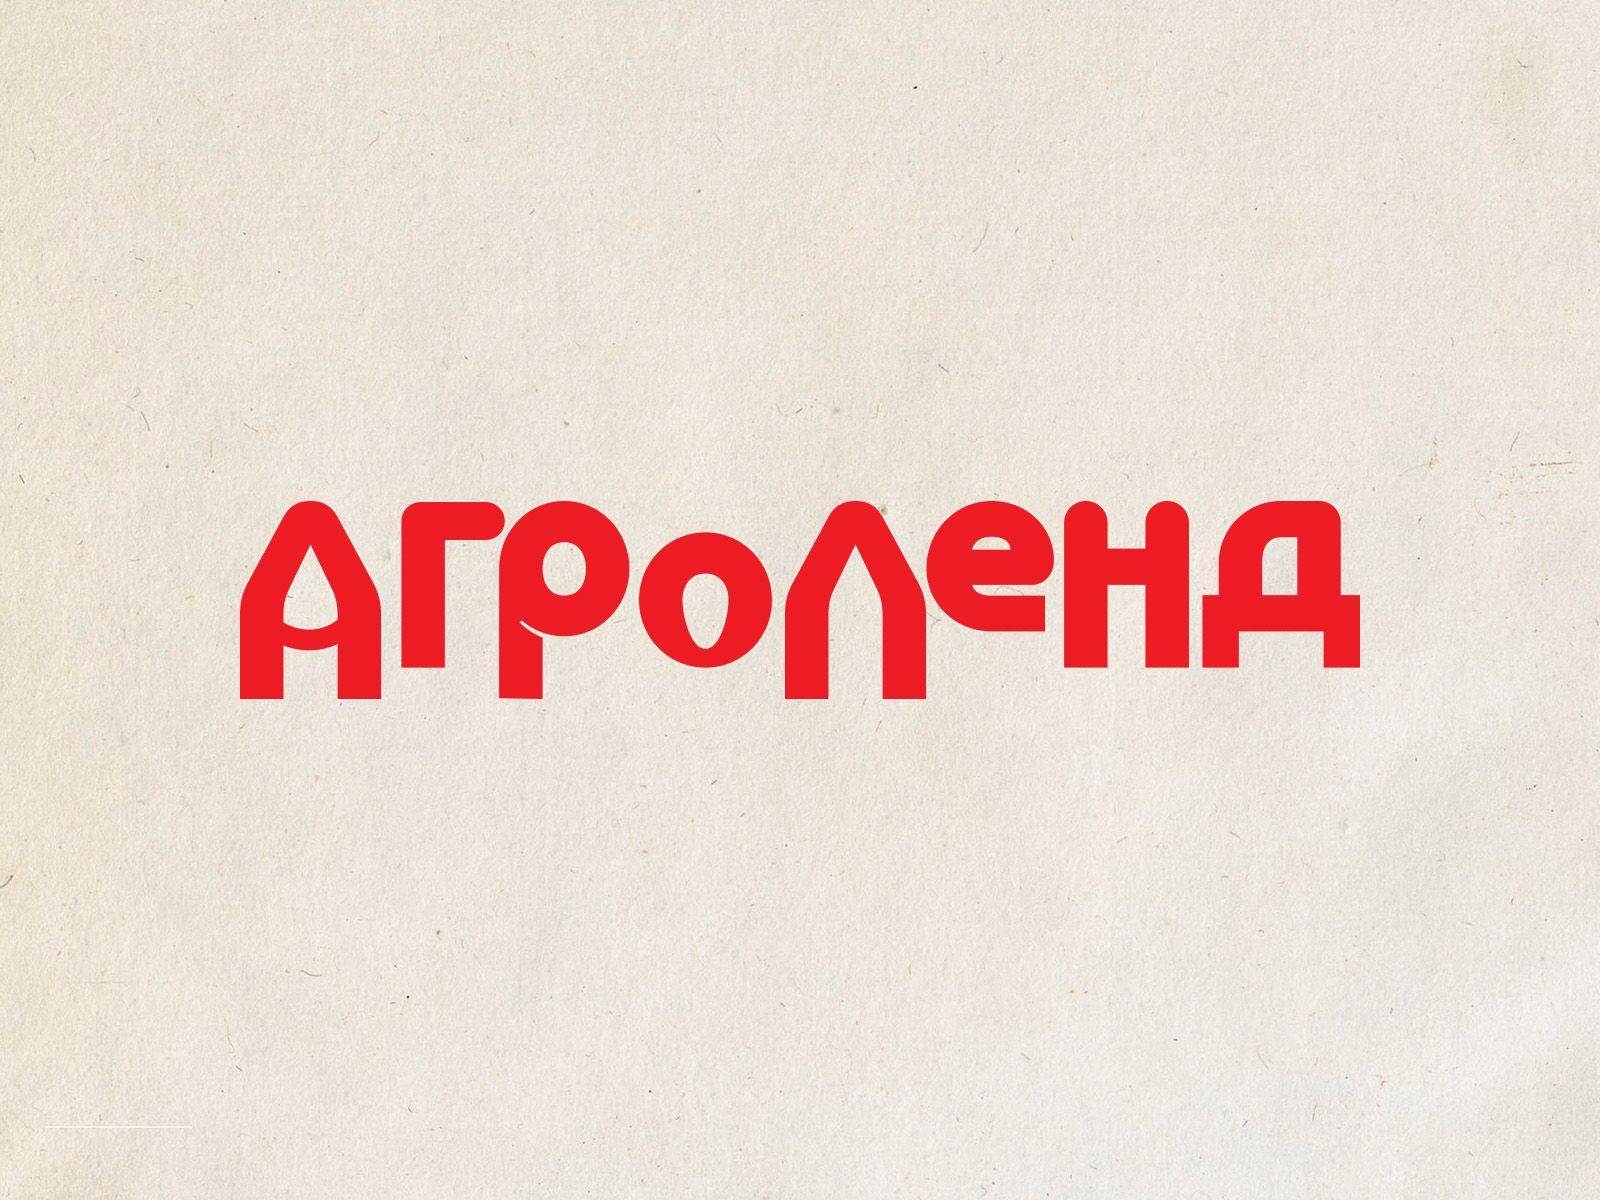 Логотип и фирменный стиль маслозавода. - дизайнер UkkoKarhunen